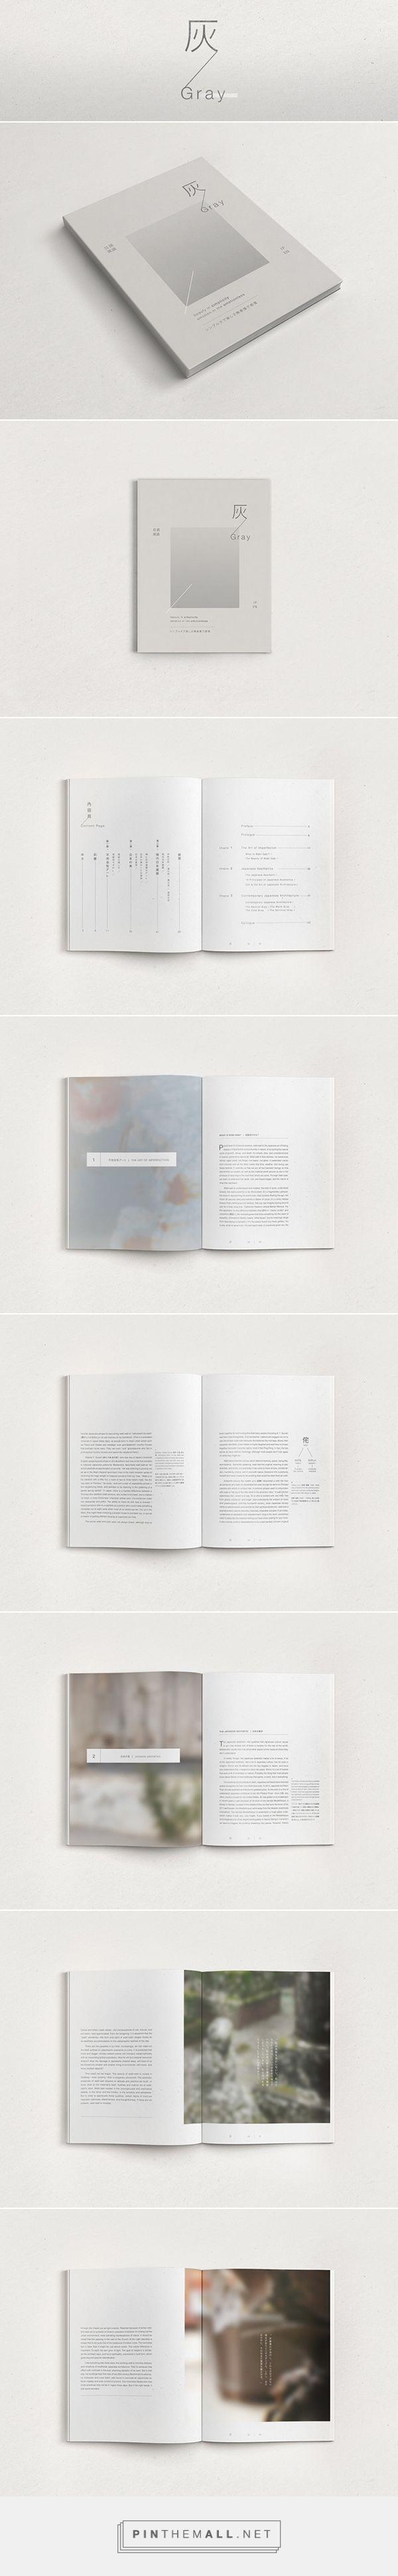 灰 / Gray - Architectural Book | Lee Marcus